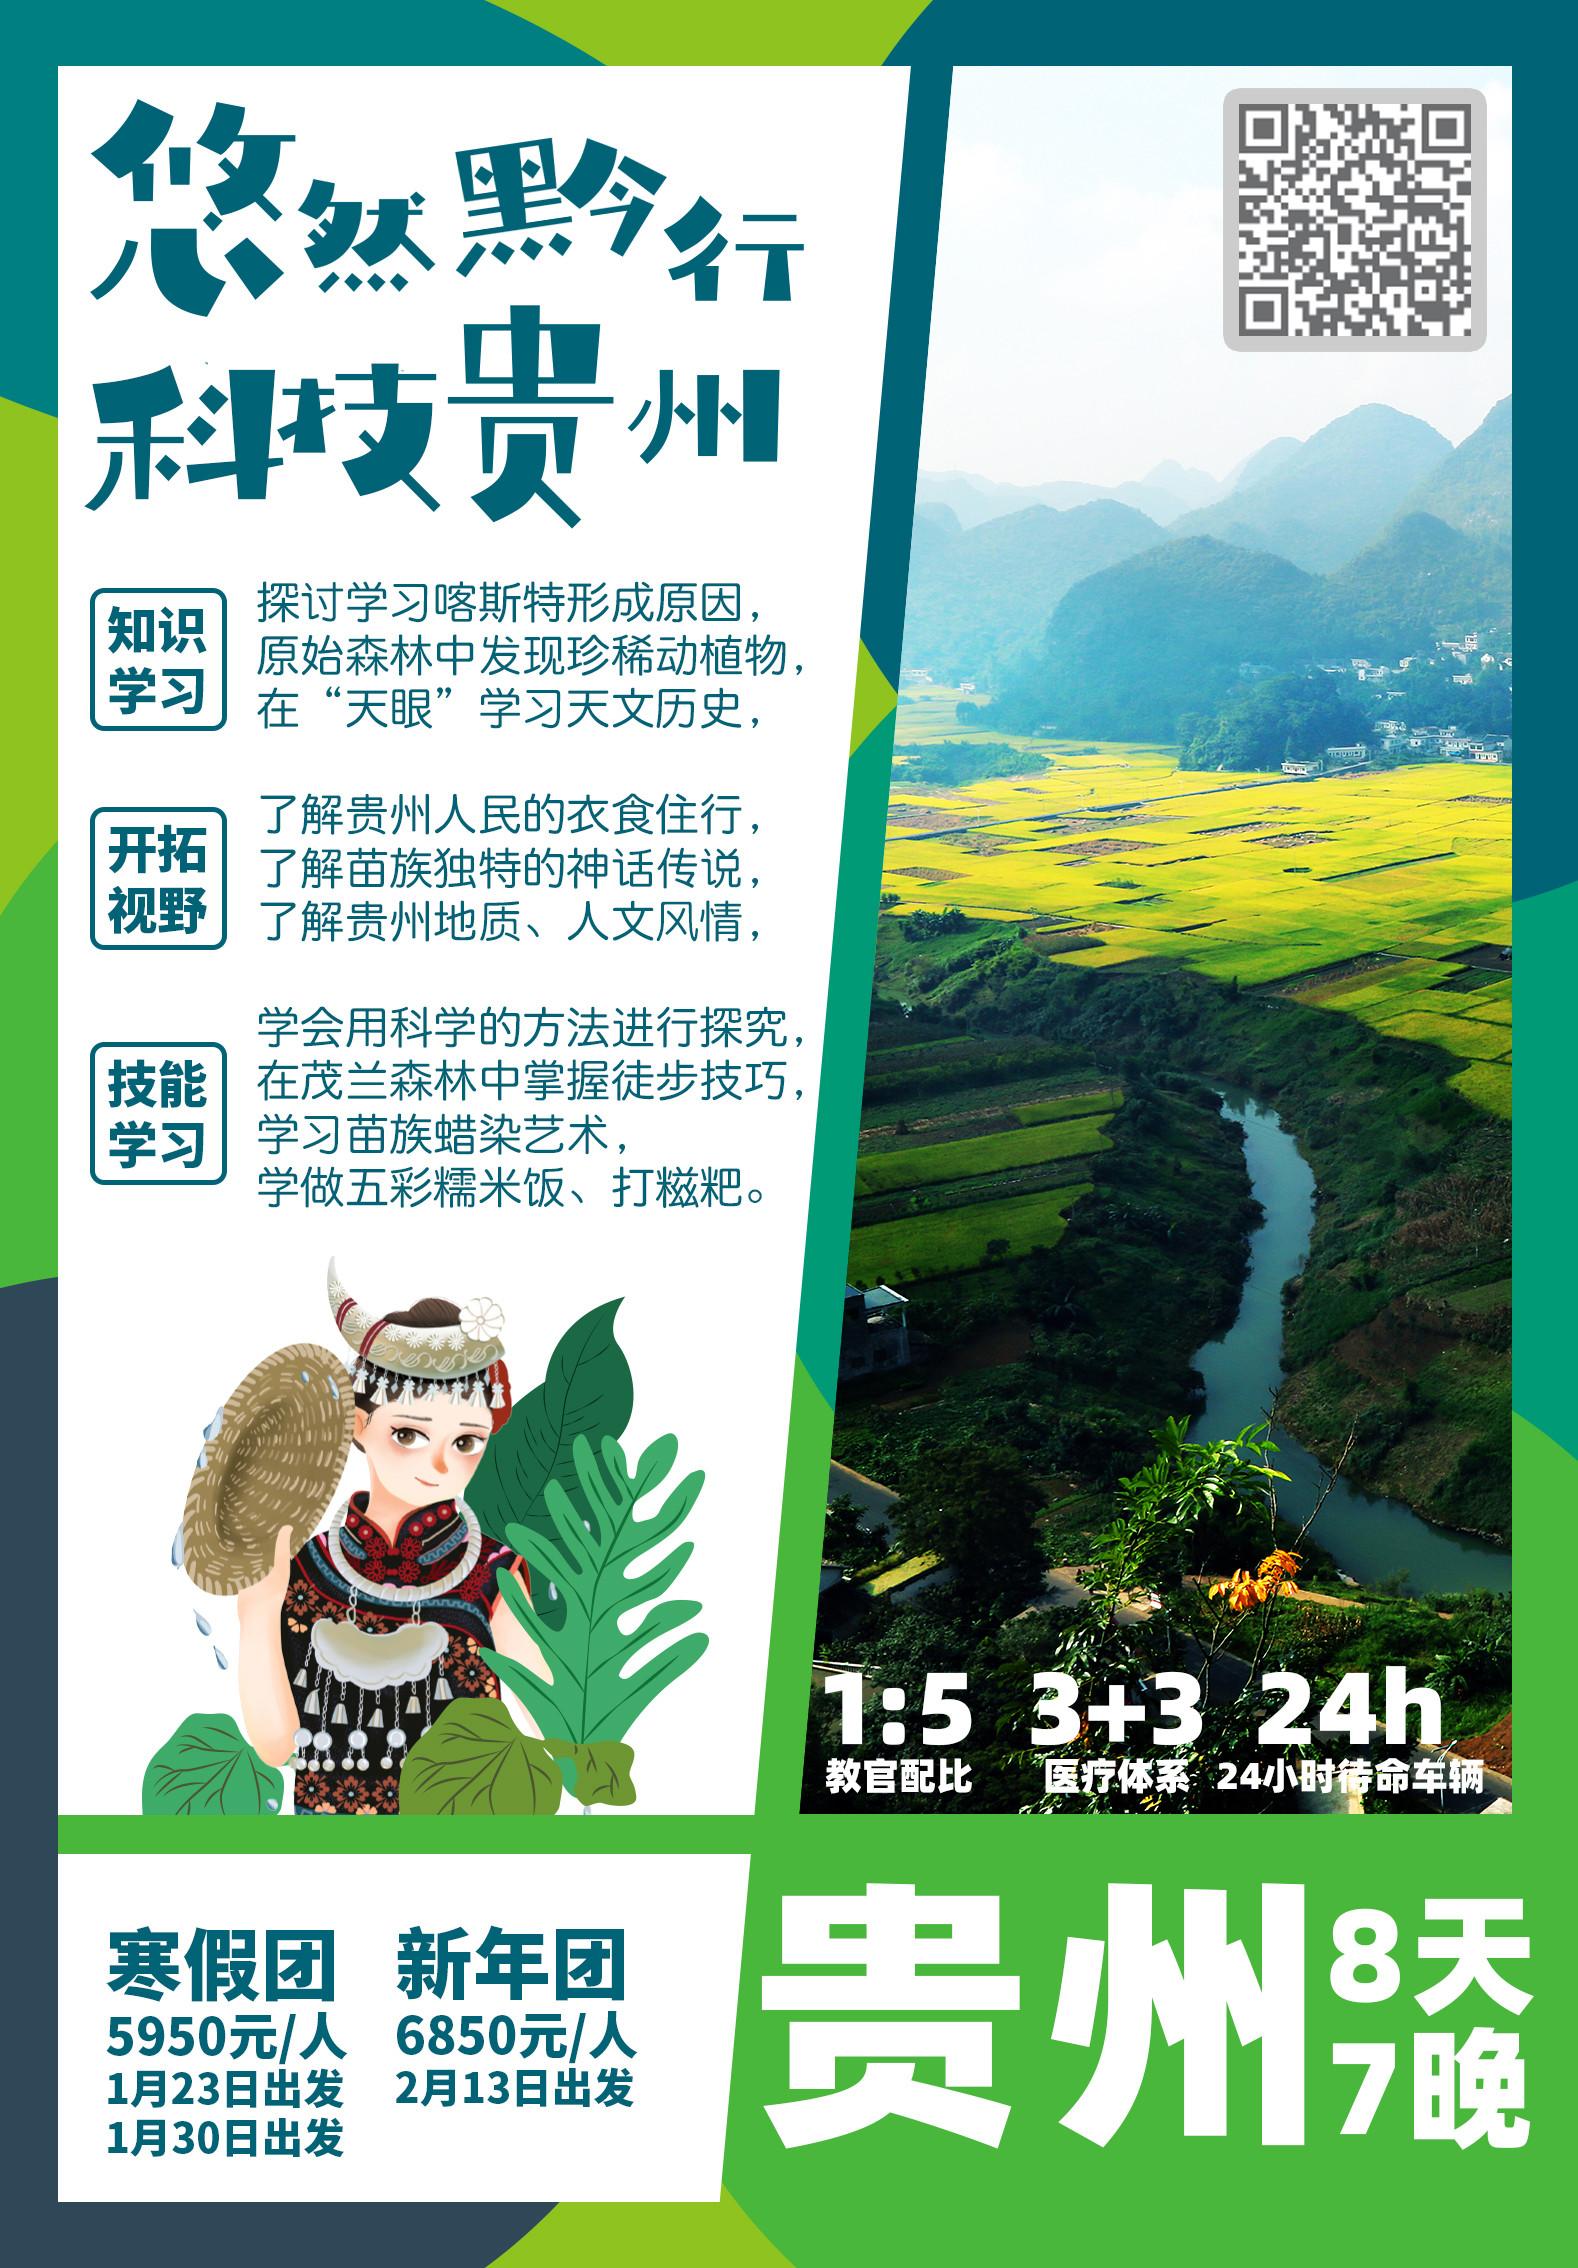 贵州亲子寒假圣诞团 | 纵深自然探索与文明洗礼